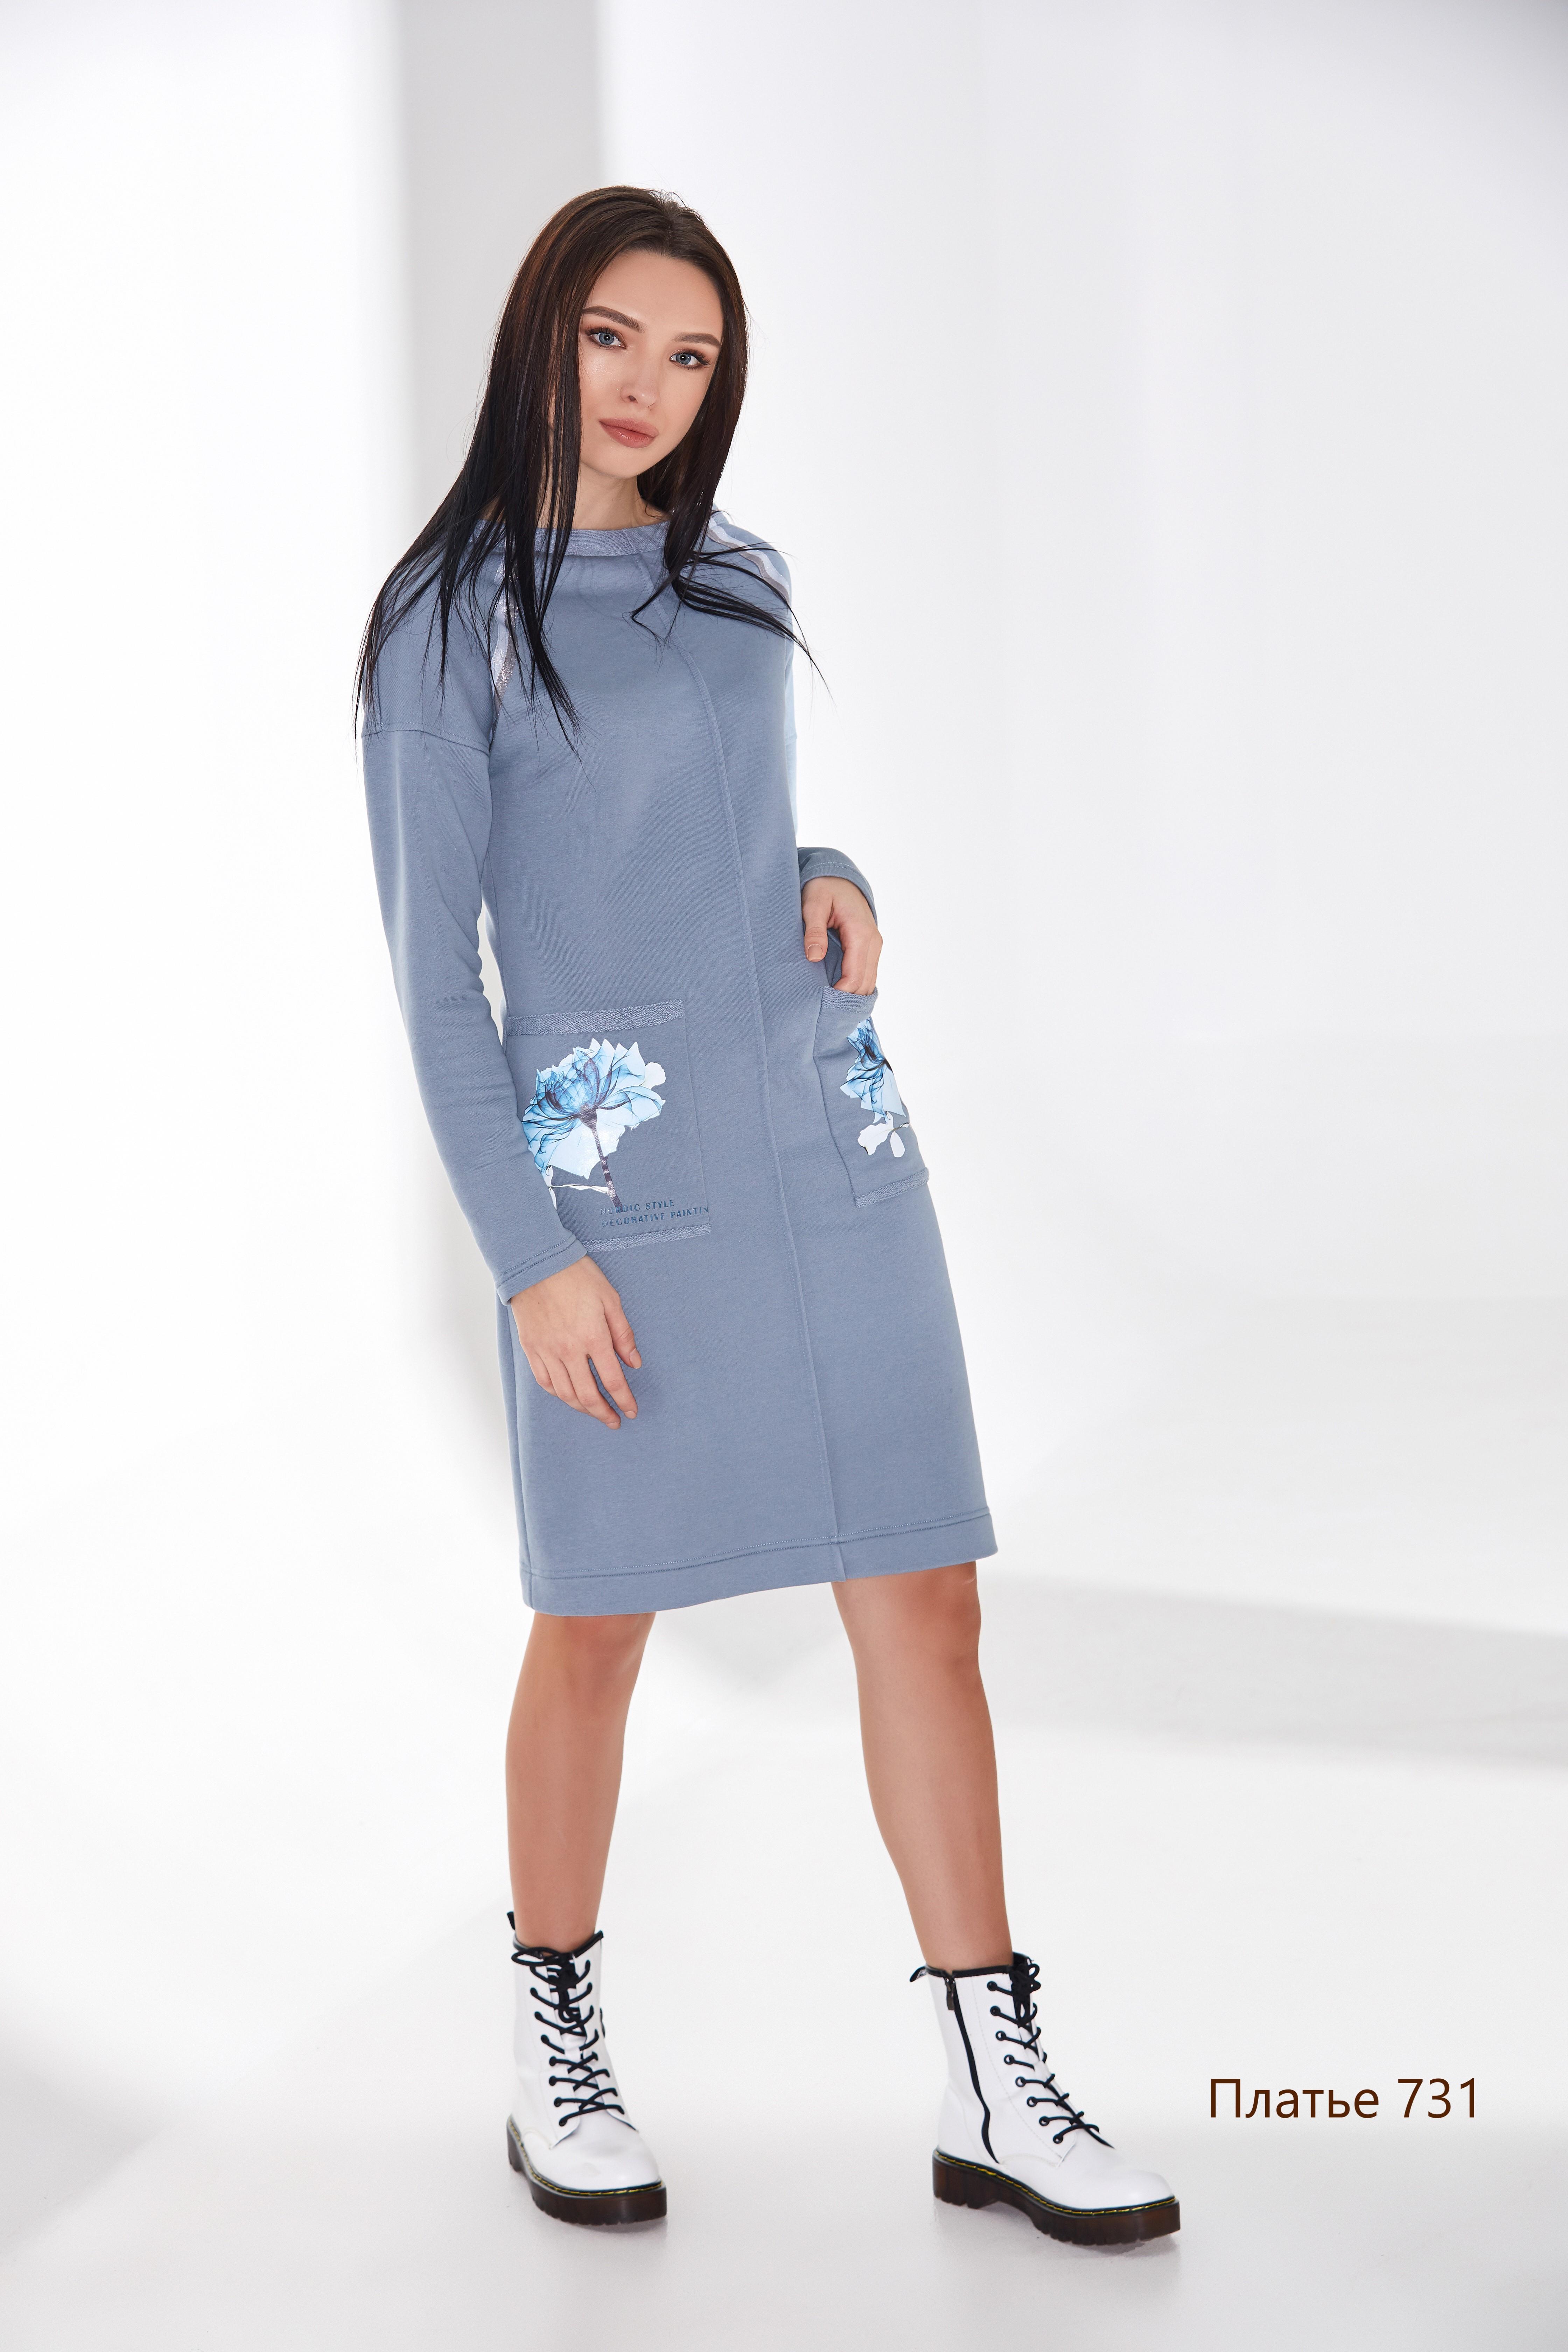 Платье 731 (2)